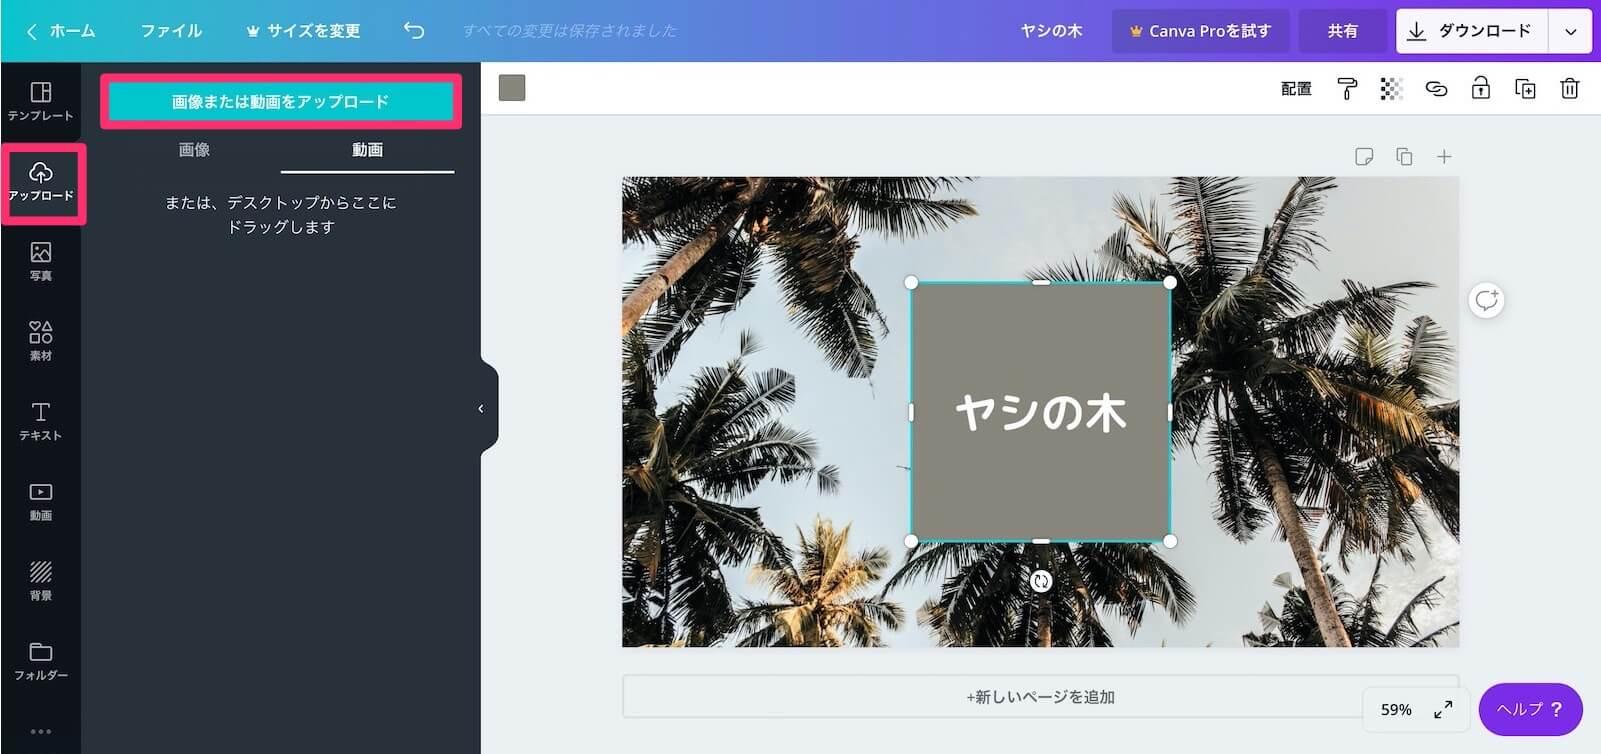 ブログのアイキャッチ画像の作成に使えるツールを紹介します